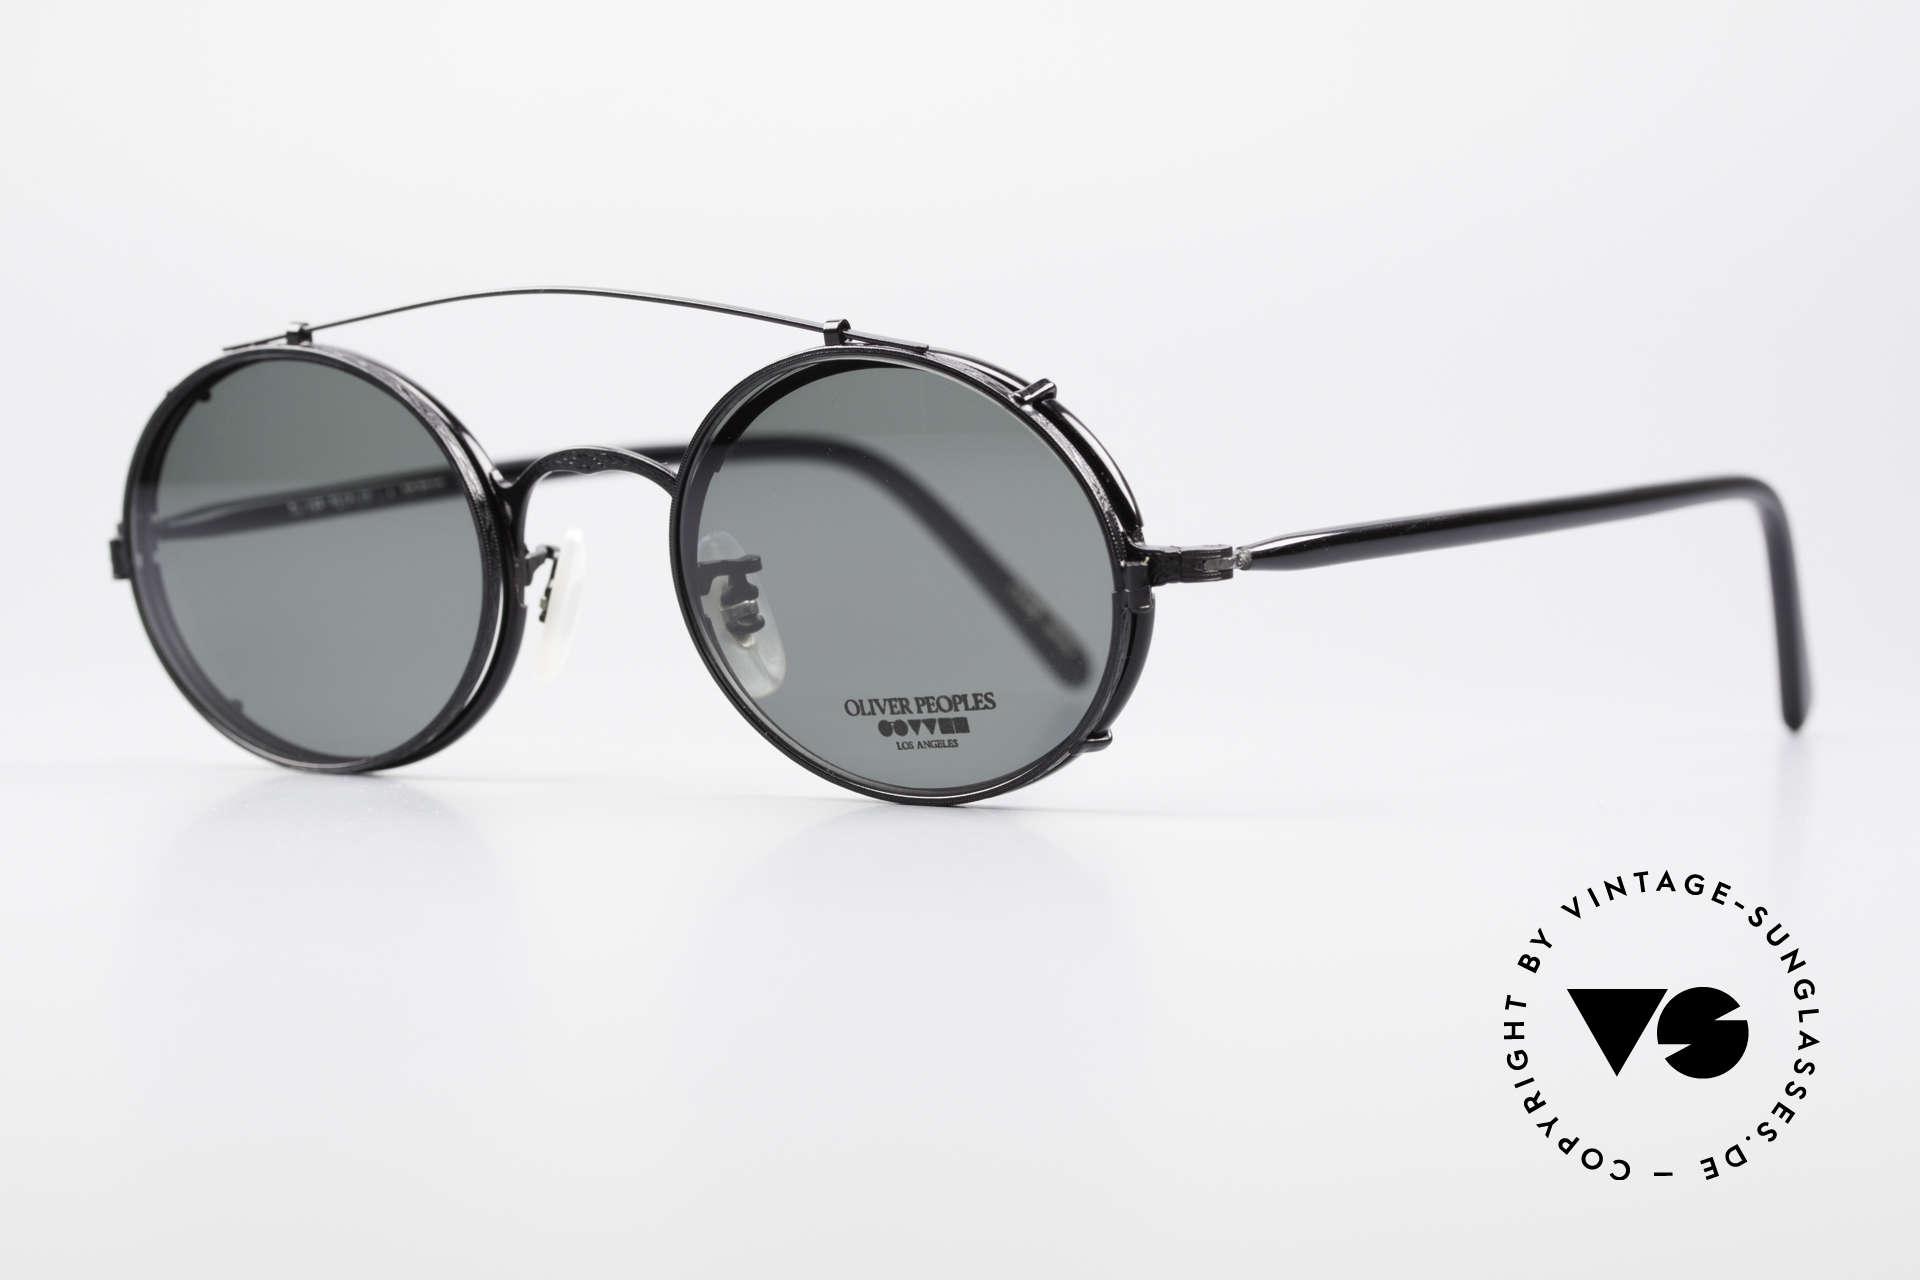 sonnenbrillen oliver peoples 68mbk vintage brille sonnen. Black Bedroom Furniture Sets. Home Design Ideas